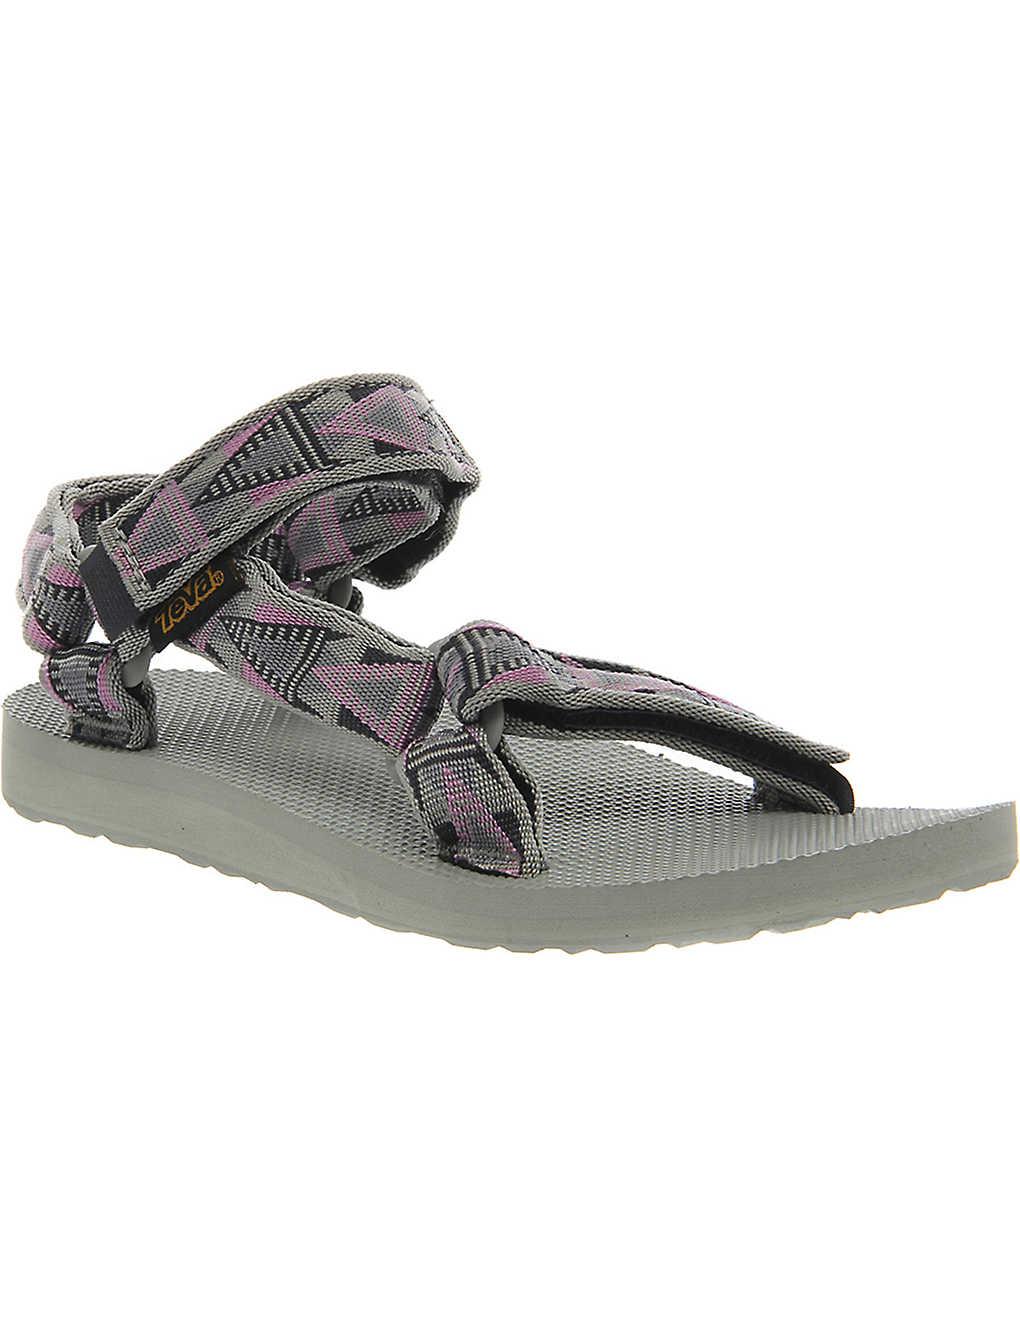 Original Mosaic Sandals Original Universal Universal Teva Teva Universal Mosaic Teva Original Sandals Ok8w0nPX